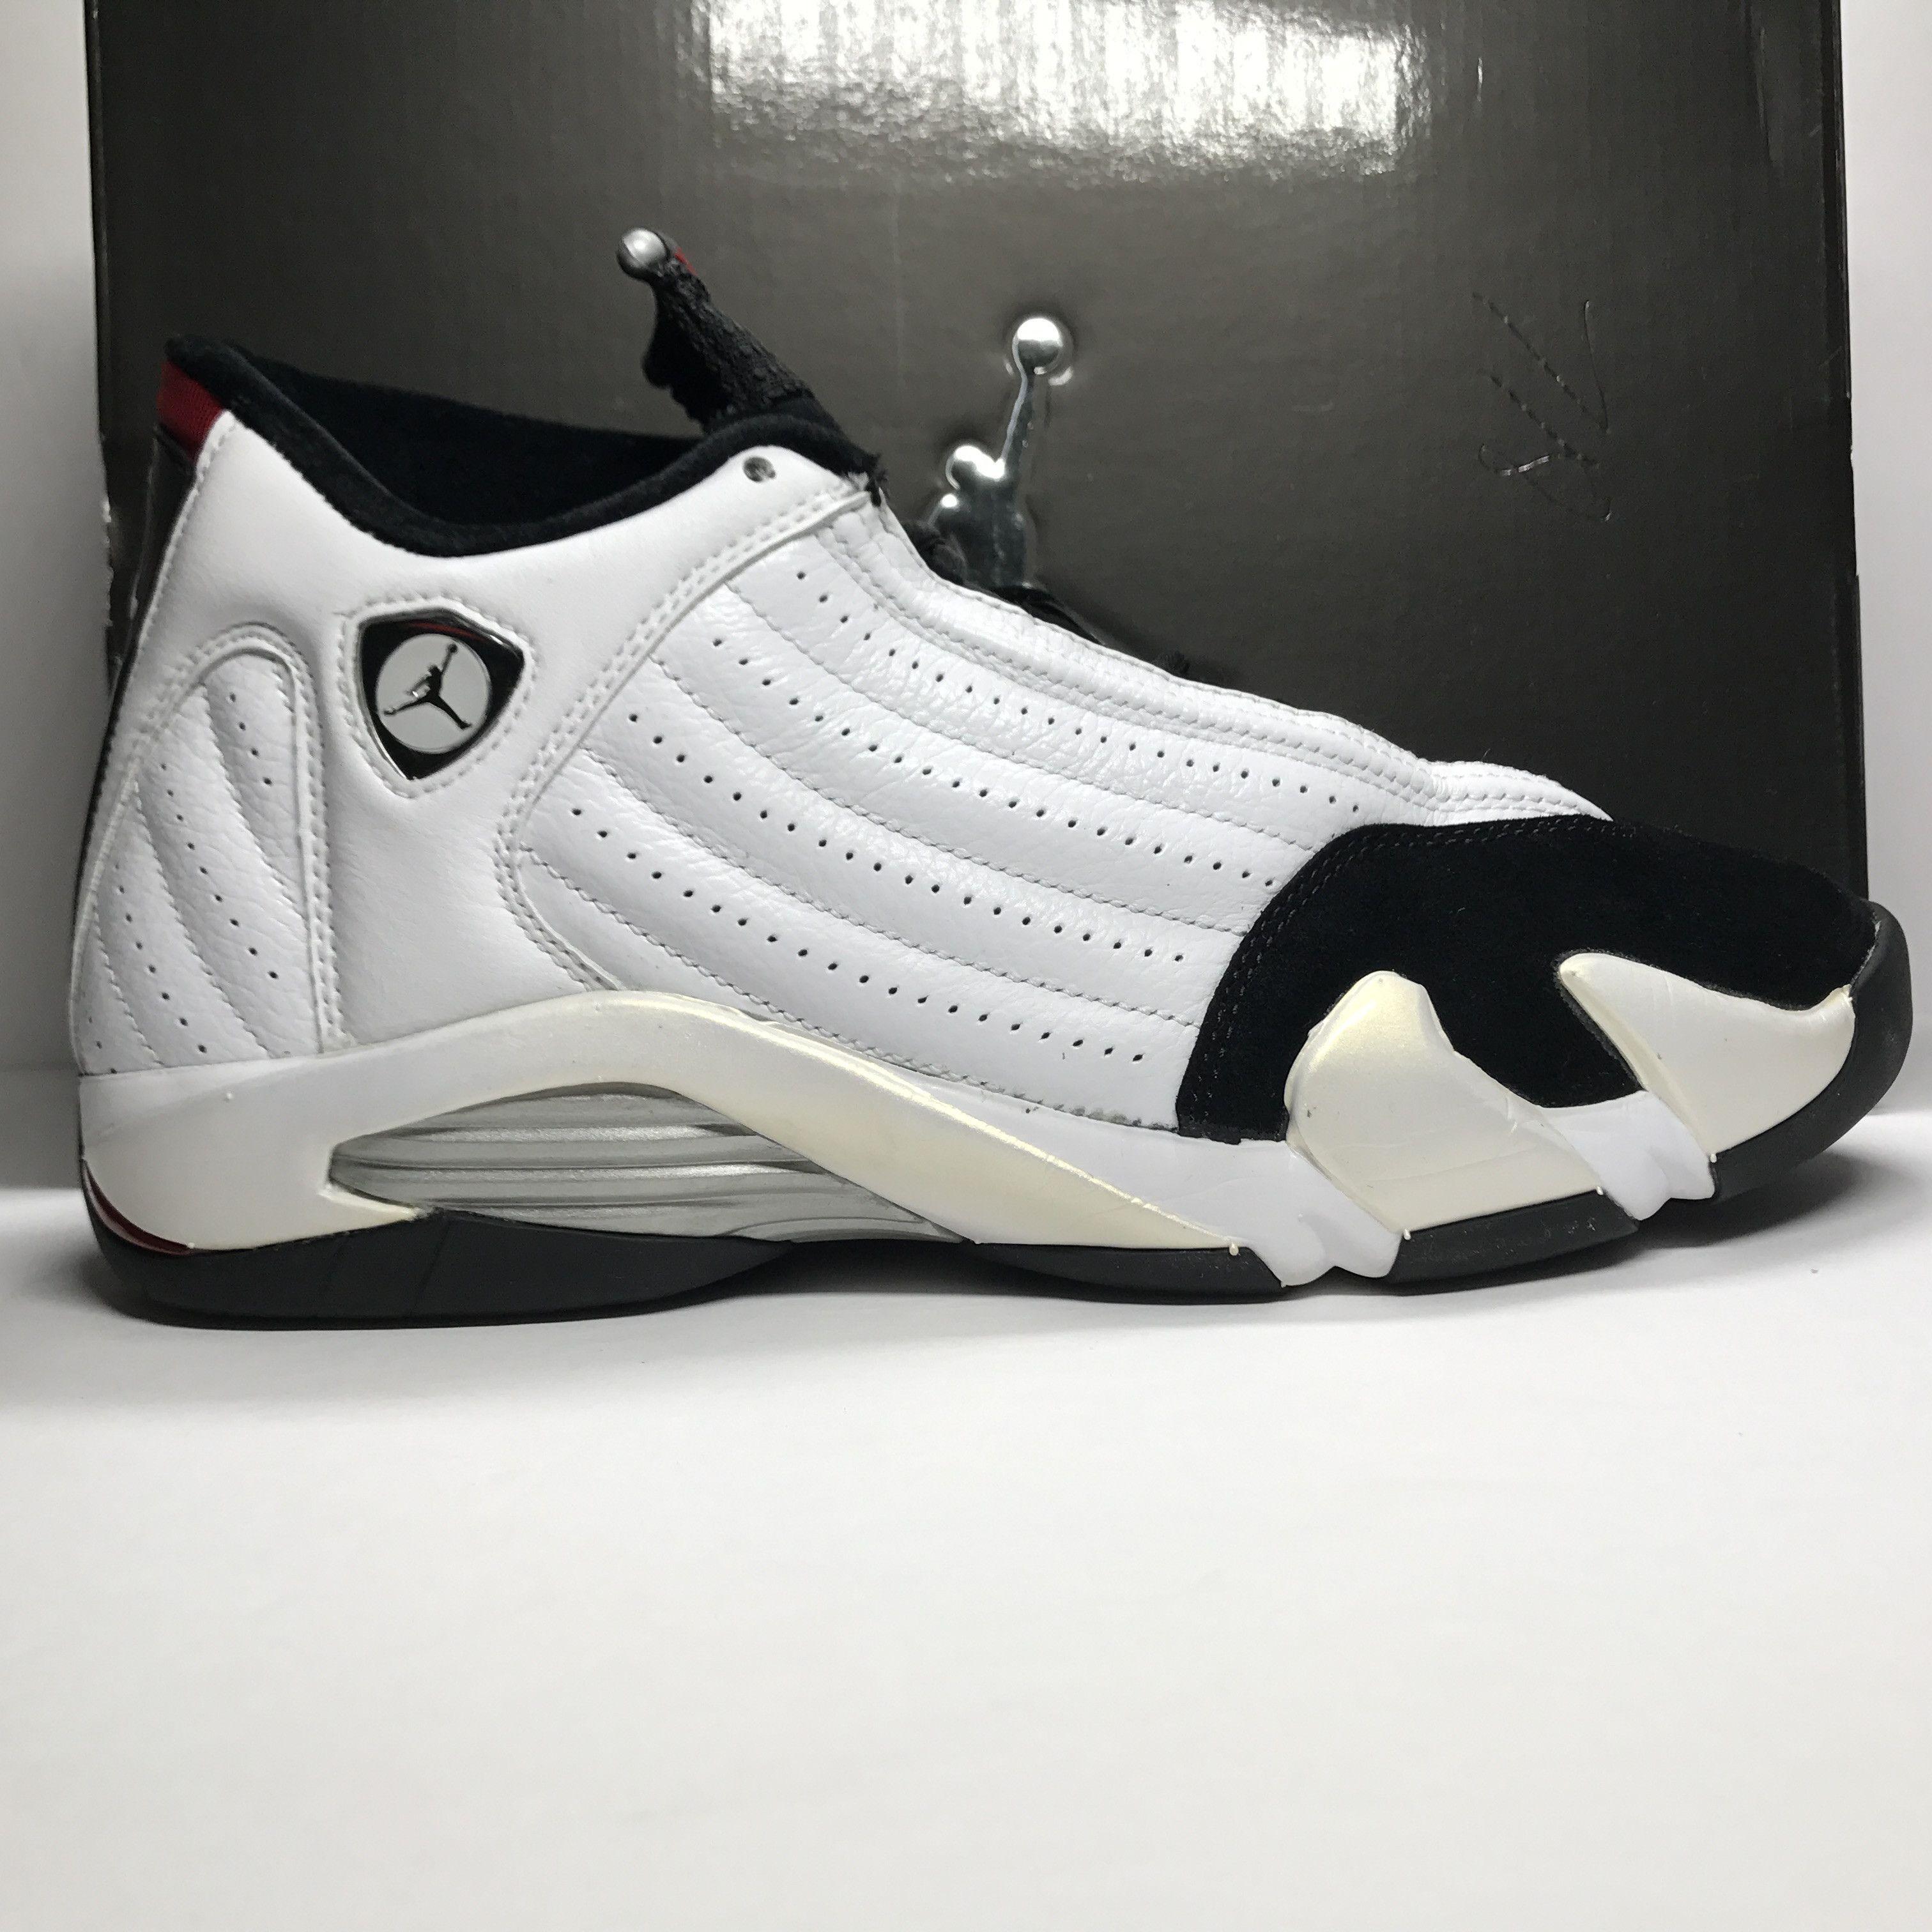 separation shoes cb915 11908 Nike Air Jordan 14 XIV Retro Black Toe 2005 Size 10.5 ...